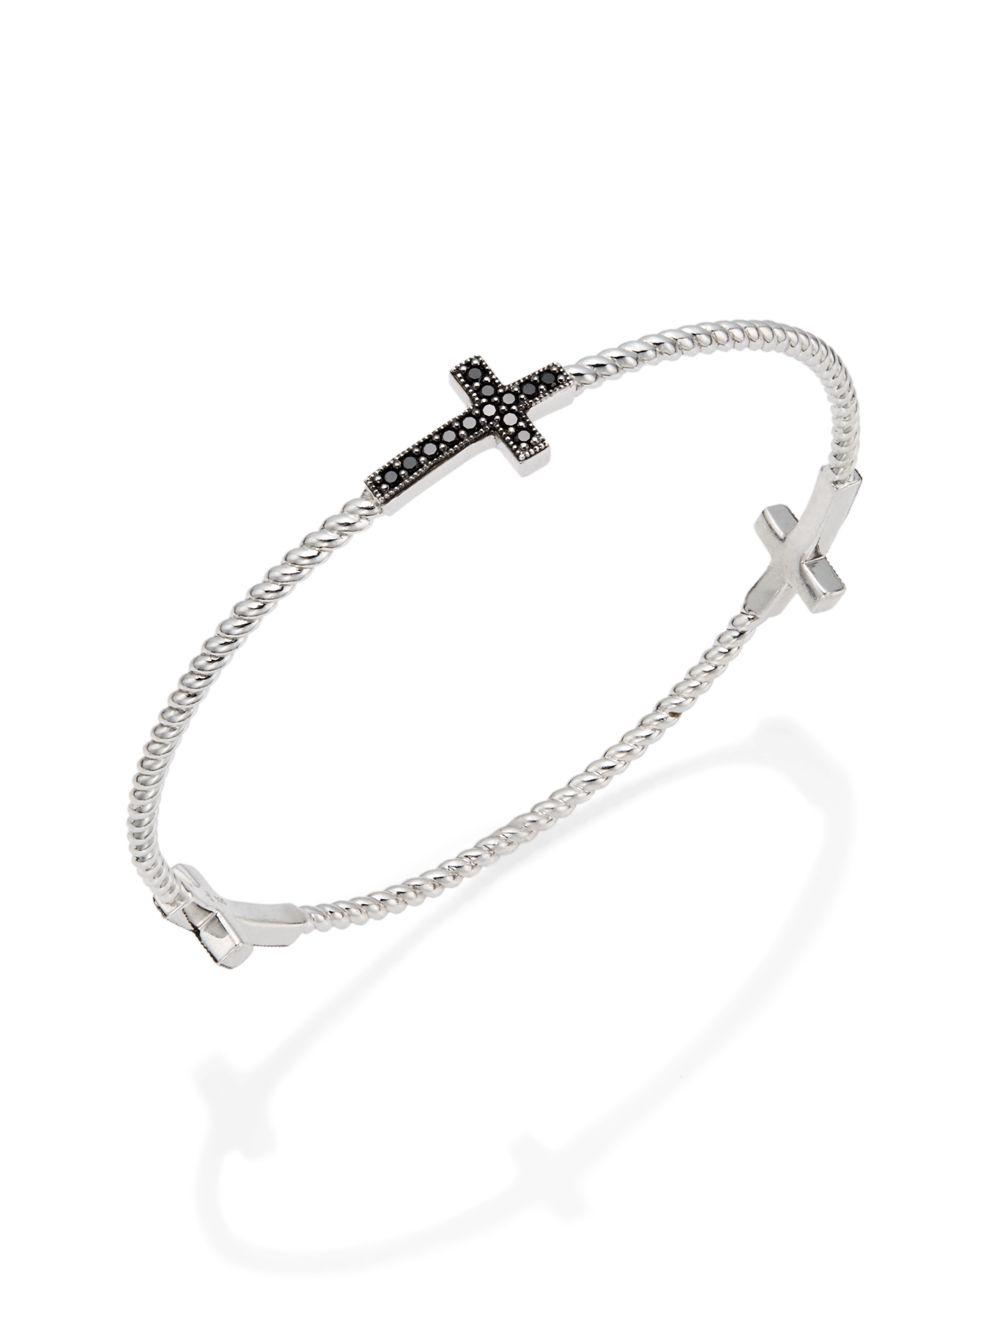 jude frances black spinel sterling silver cross bracelet